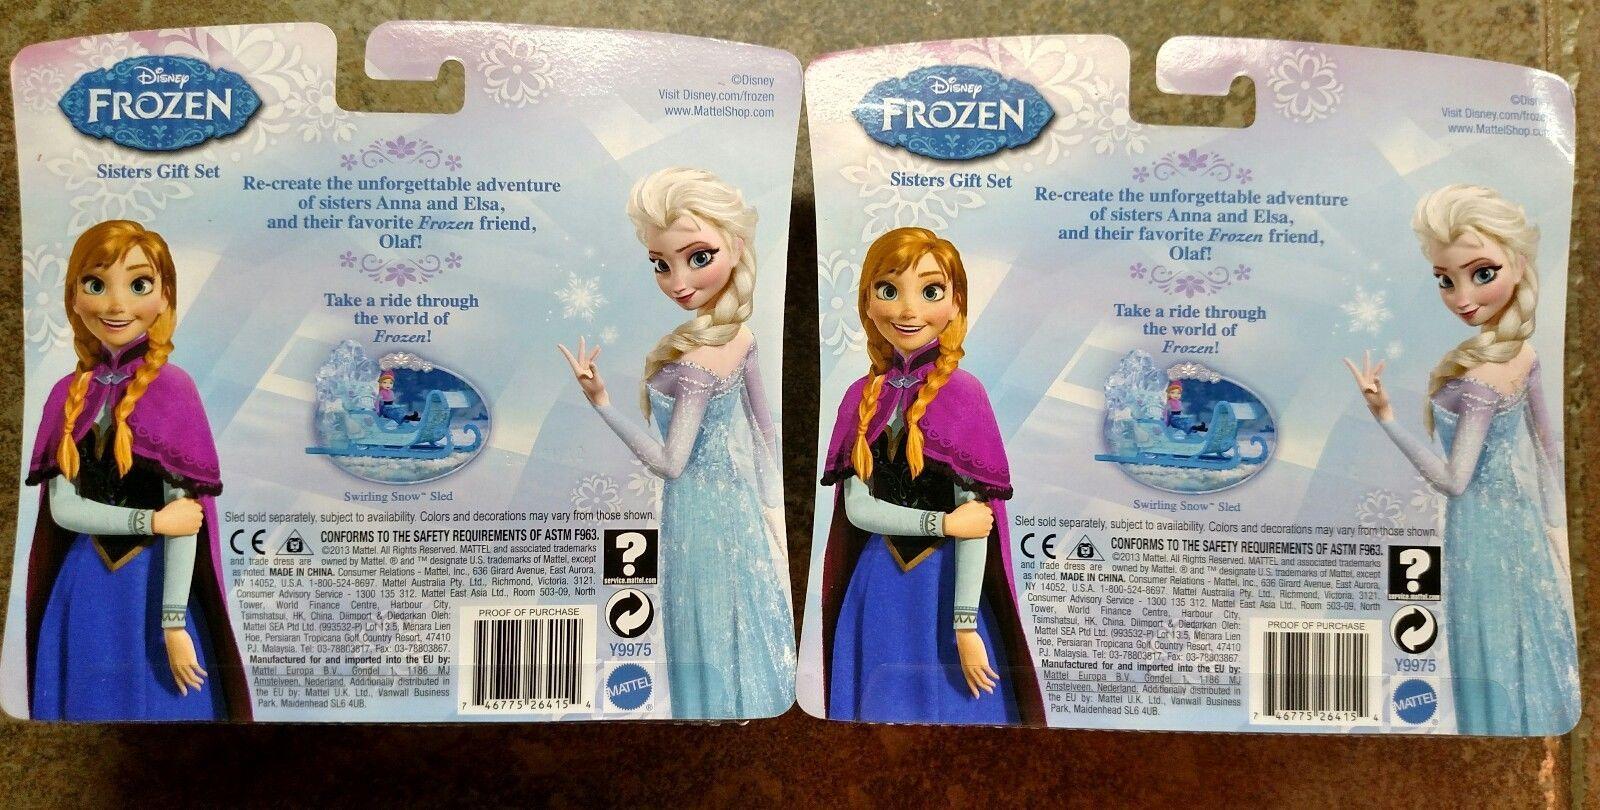 2 Walt Disney 2013 Frozen Sister Gift Sets Princess Elsa Anna Olaf toy figures image 2